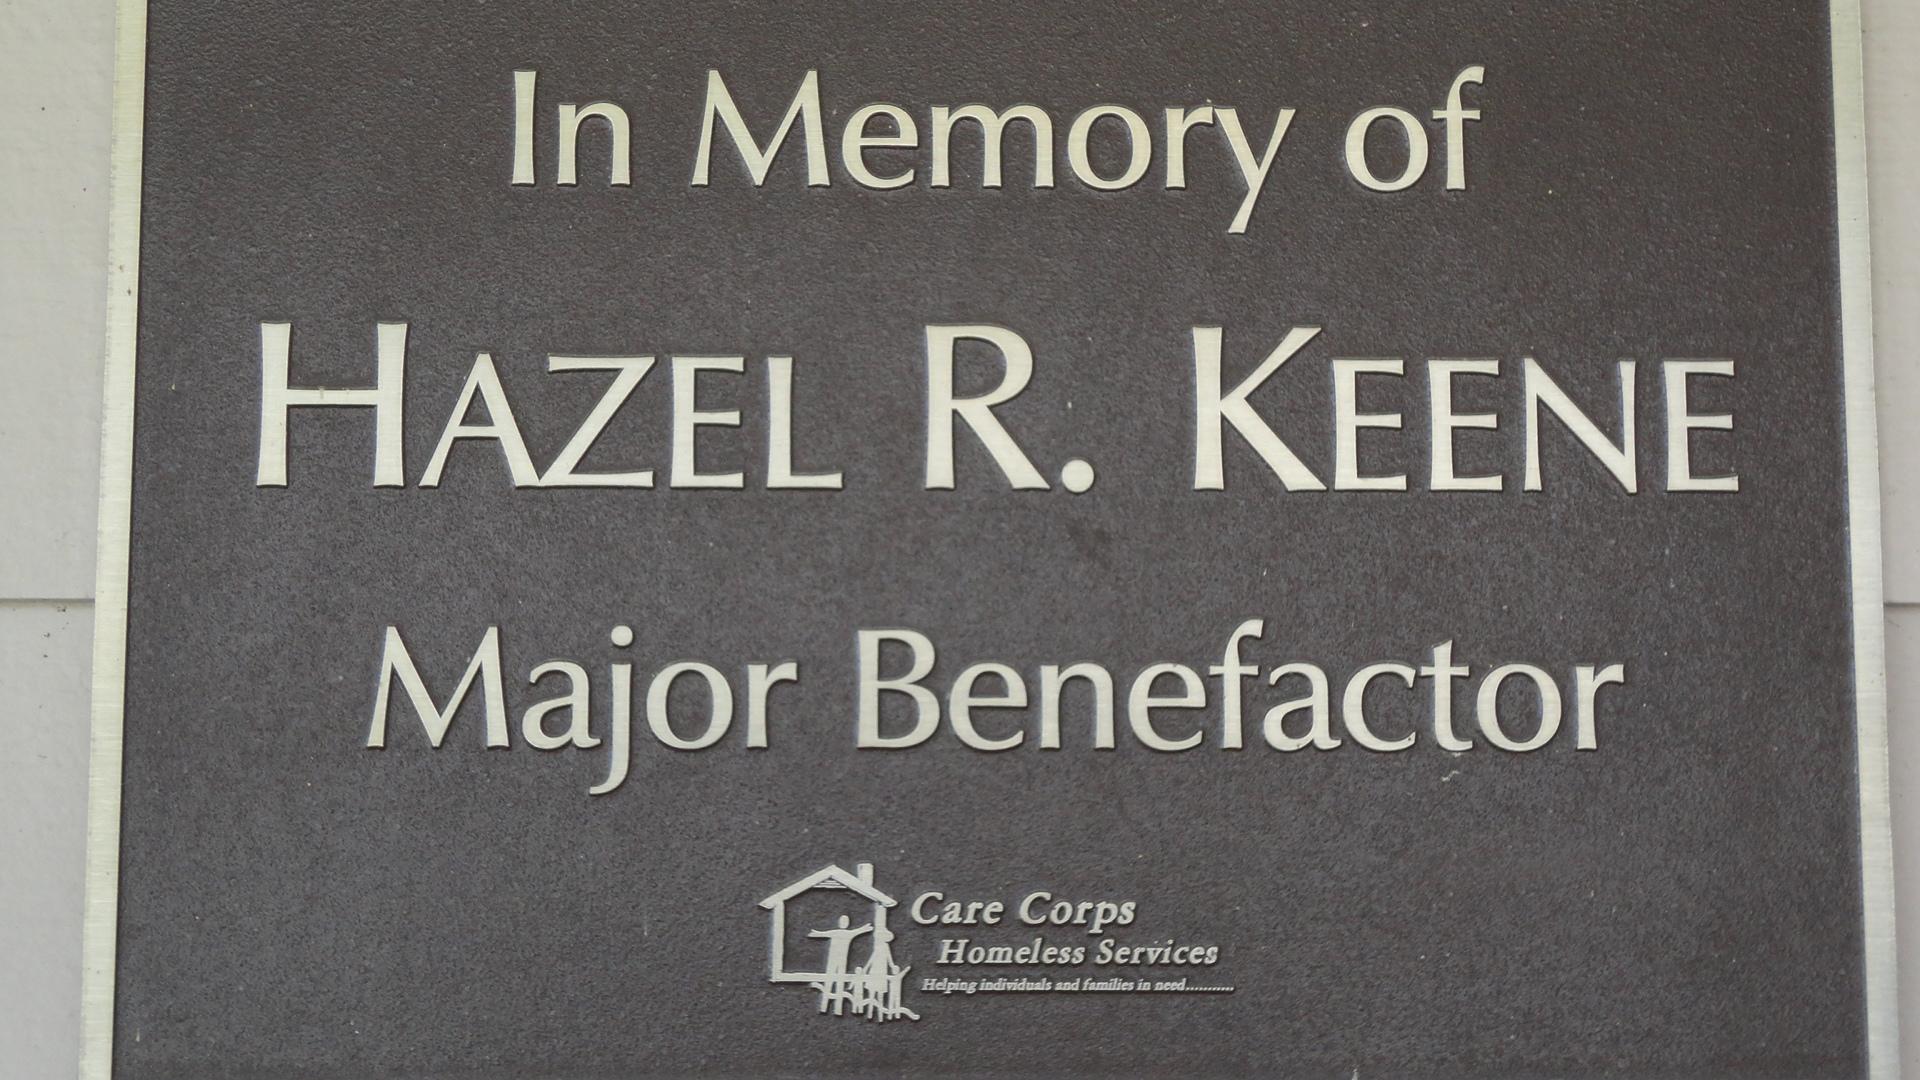 In Memory Of Hazel.R.Keene